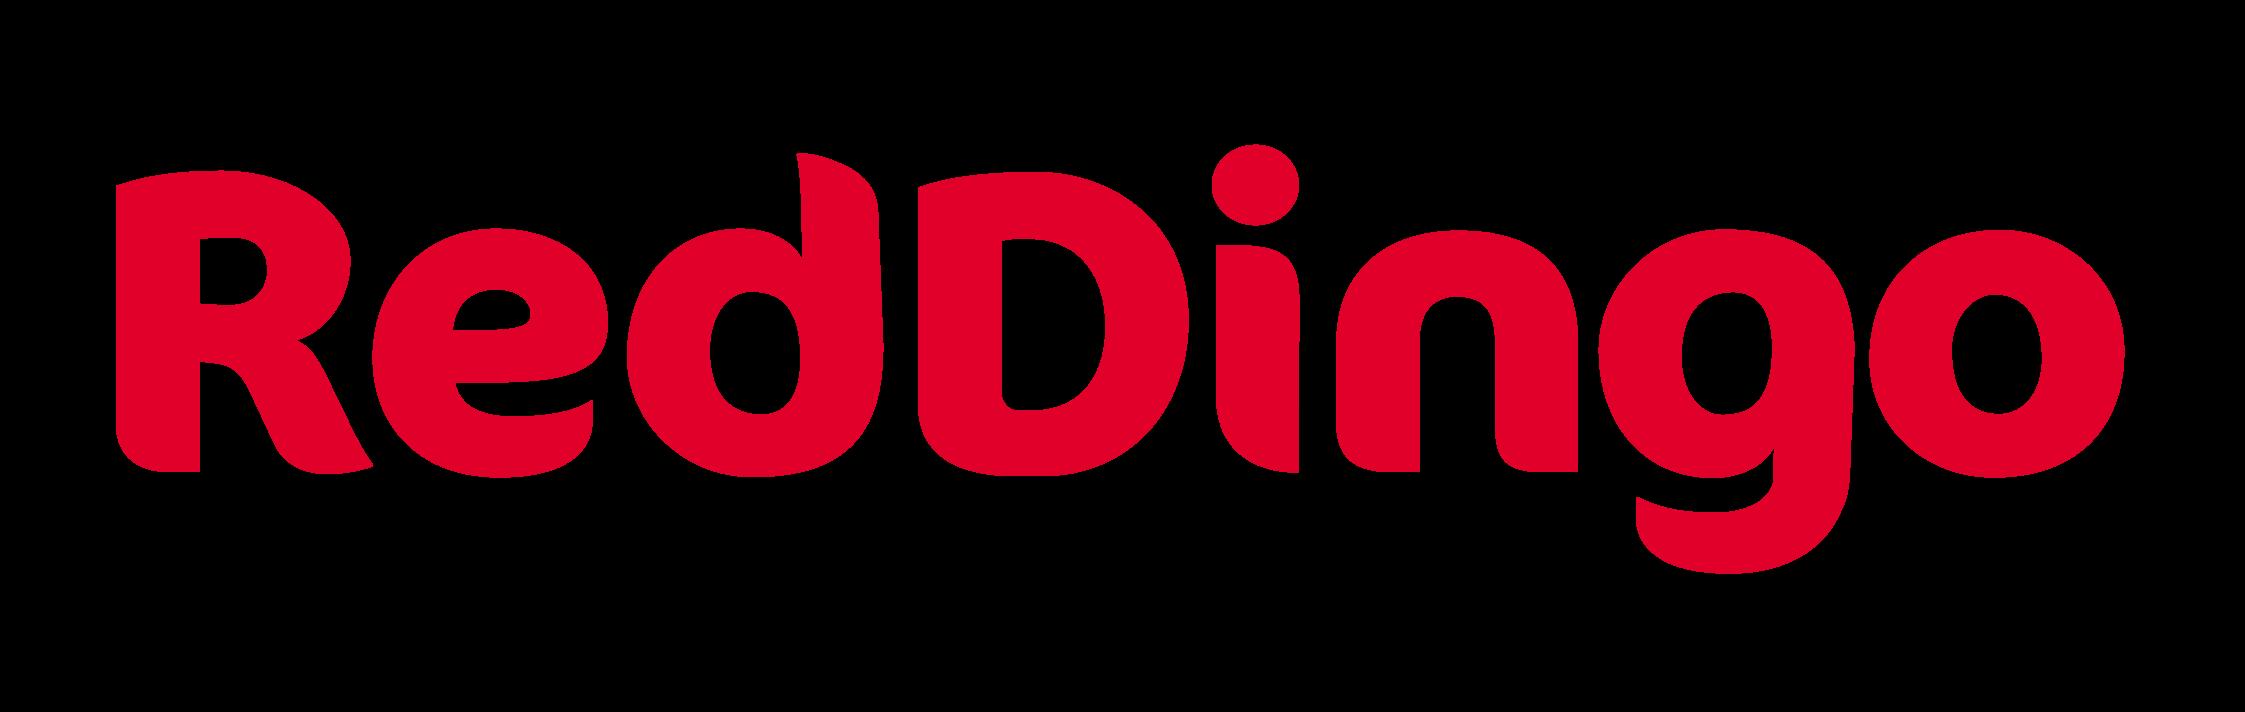 Red_Dingo_logo